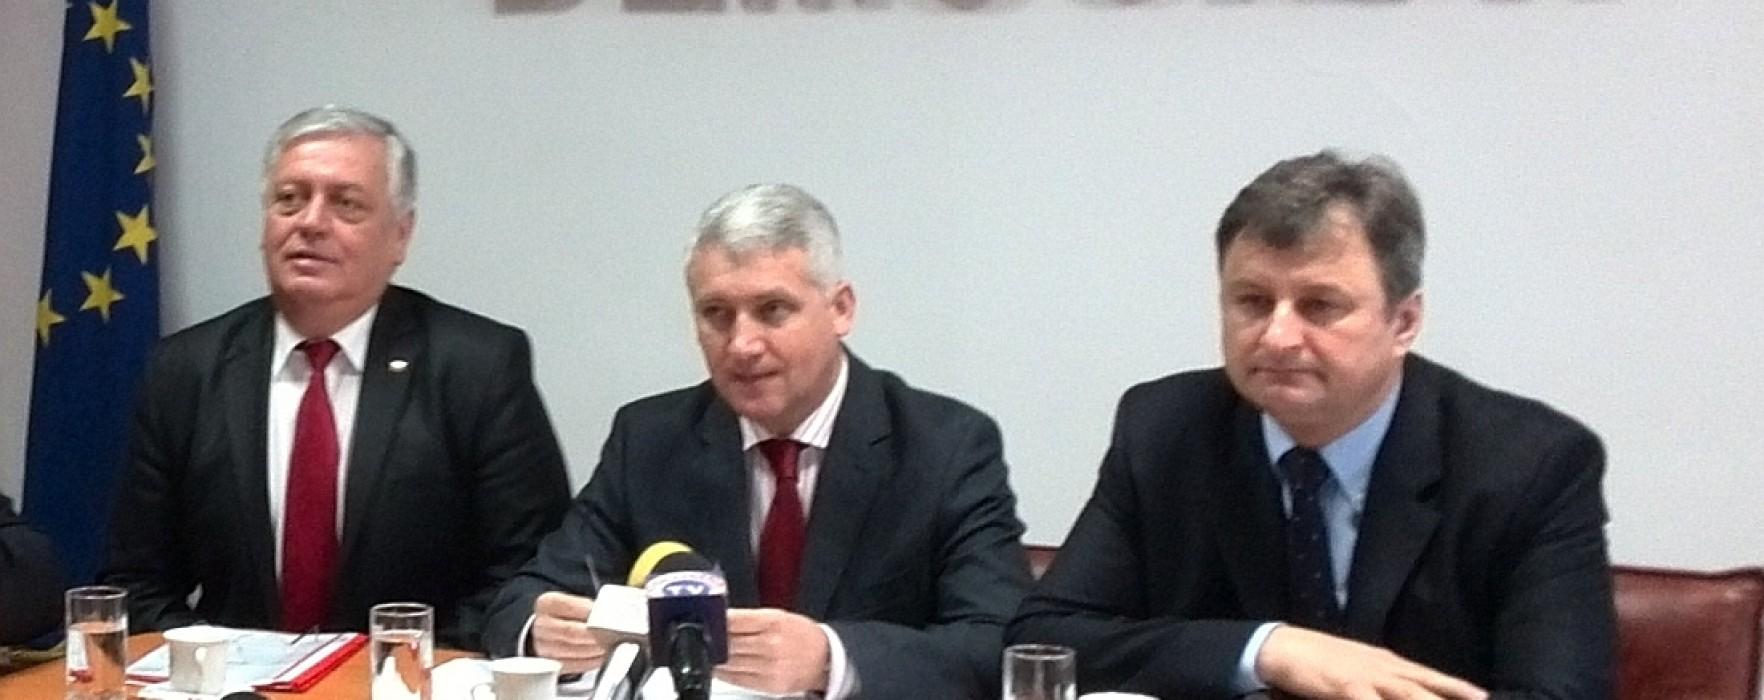 S-a semnat protocolul USD în Dâmboviţa